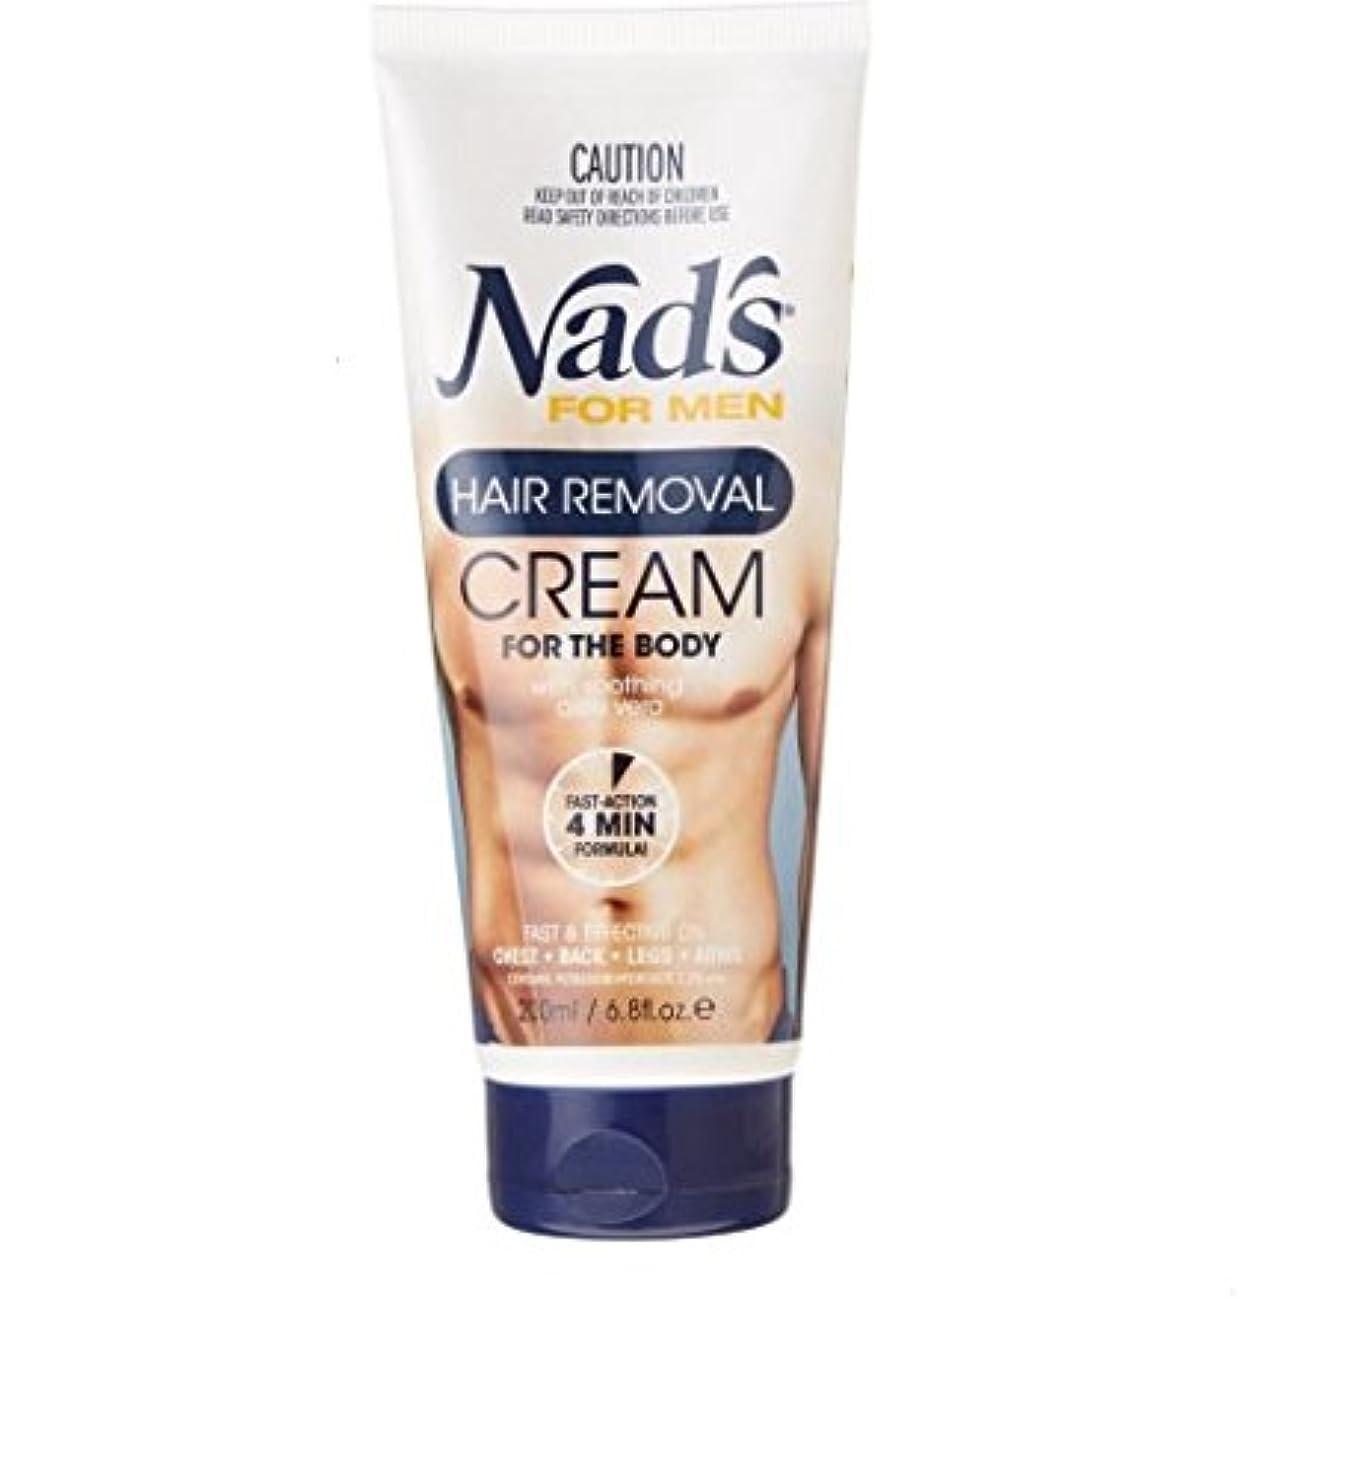 愛国的な交じる細断Nad's【ナッズ / メンズ用 ボディ脱毛クリーム / チューブタイプ / 200ml】【並行輸入品】